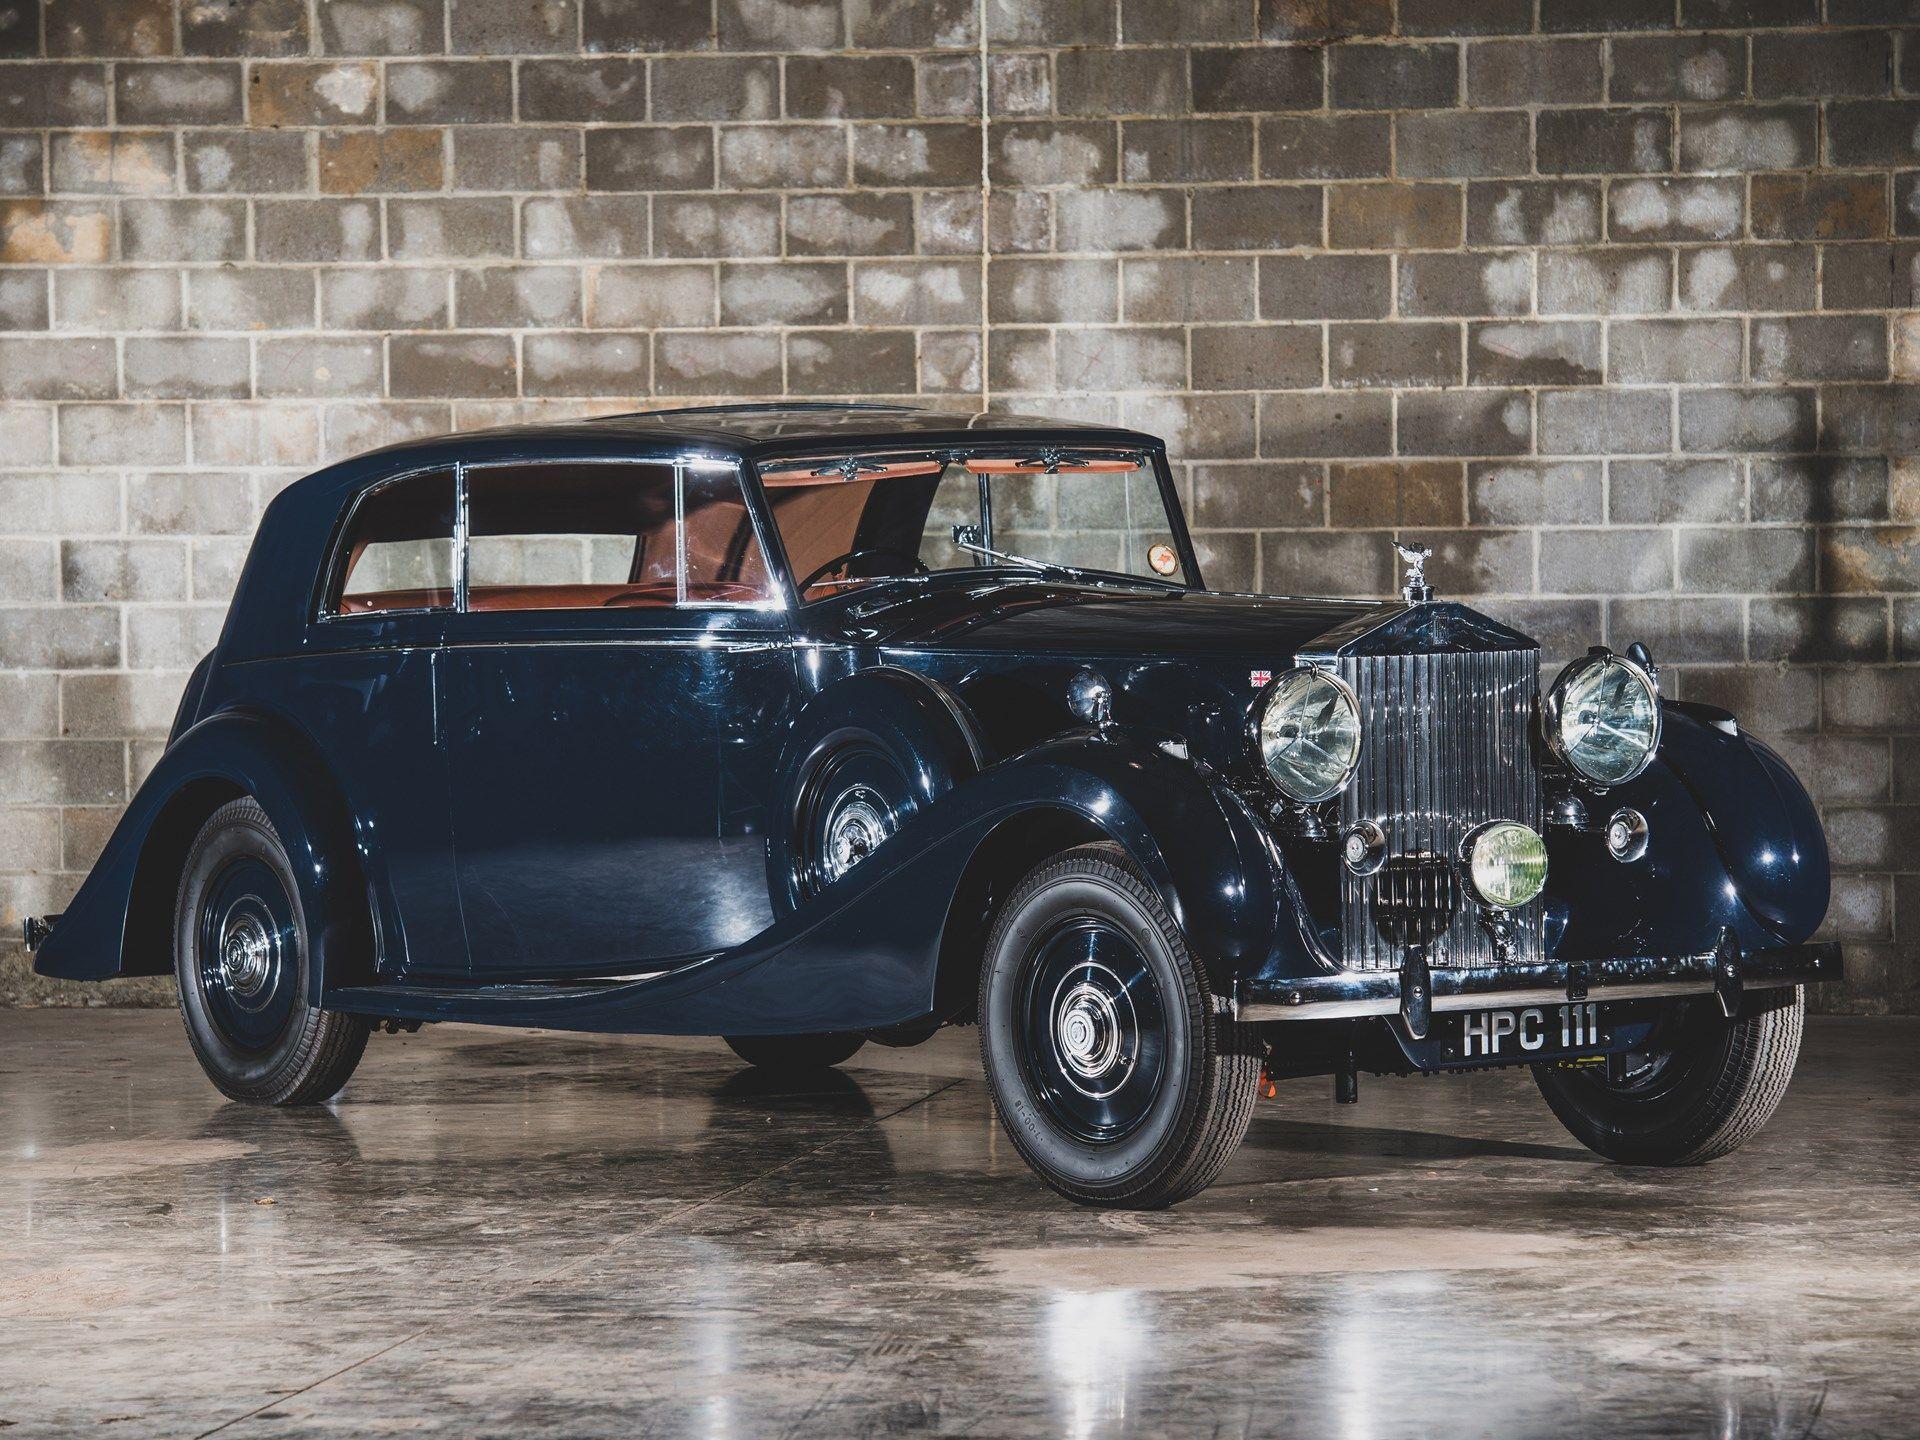 1938 Rolls Royce Phantom Iii Parallel Door Saloon Coupe By James